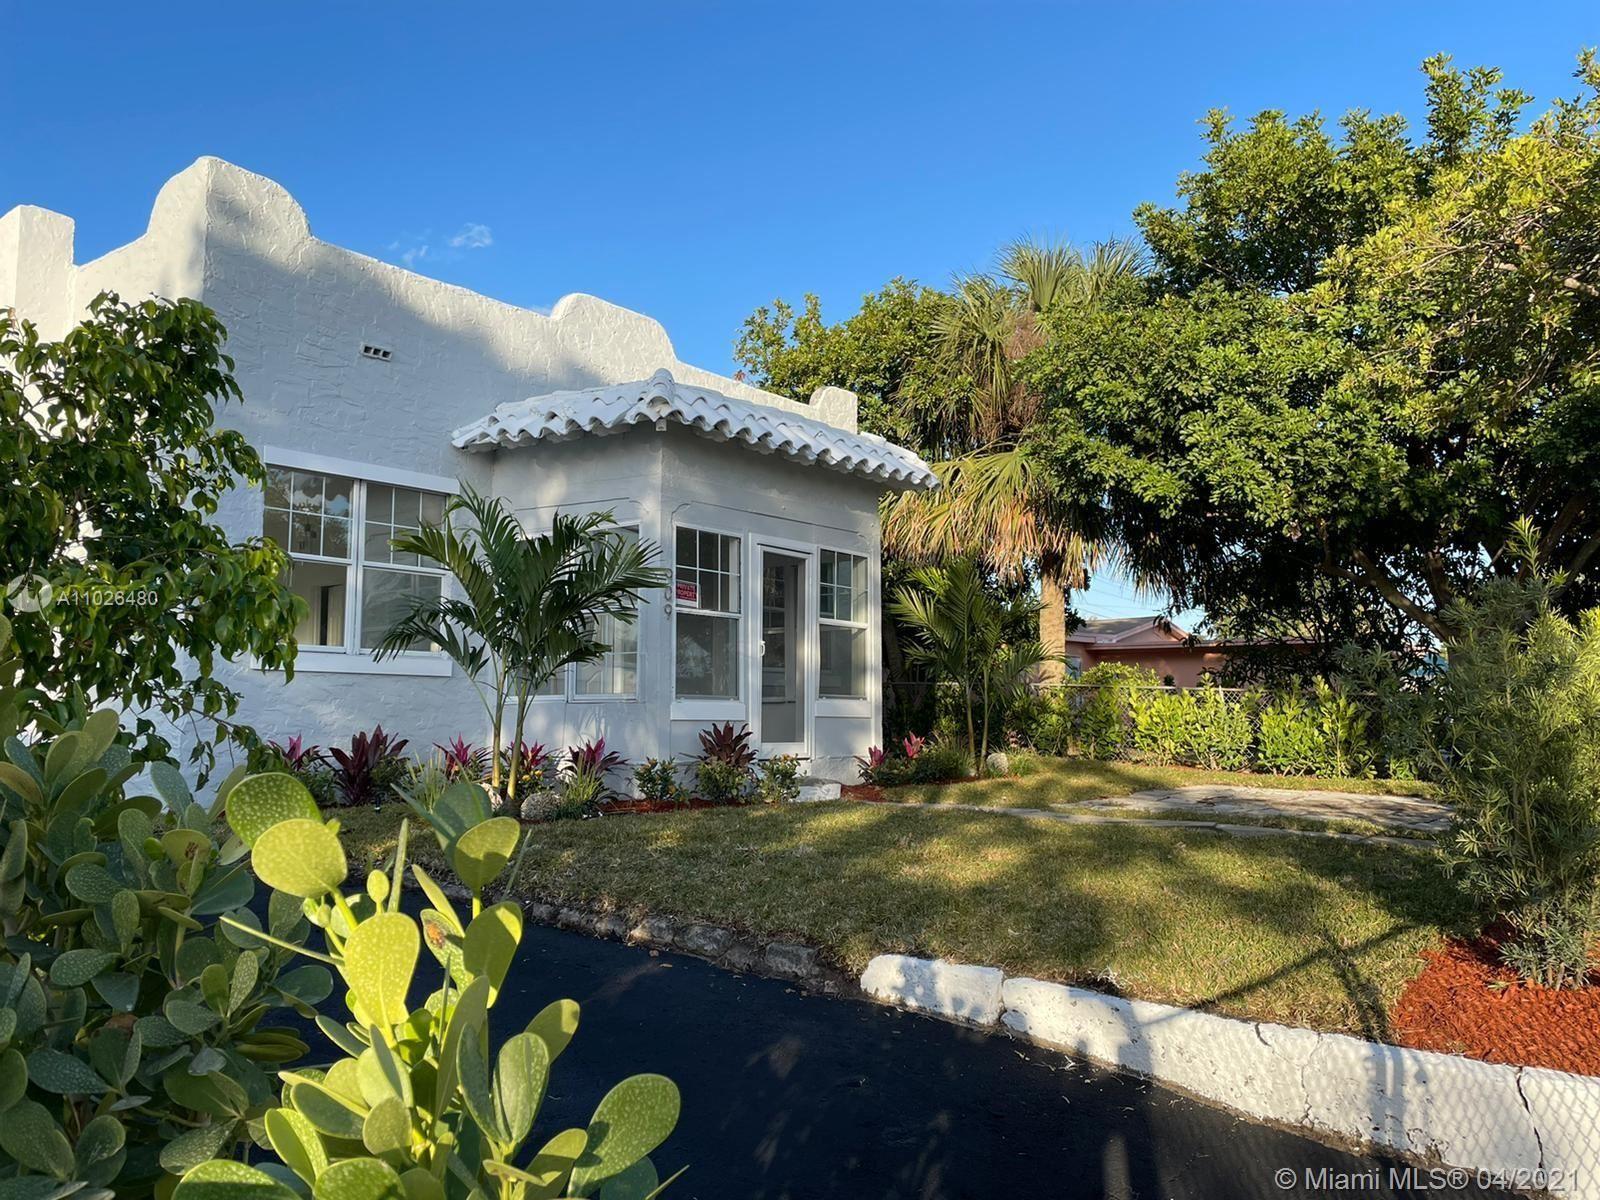 909 29th St, West Palm Beach, FL 33407 - #: A11026480